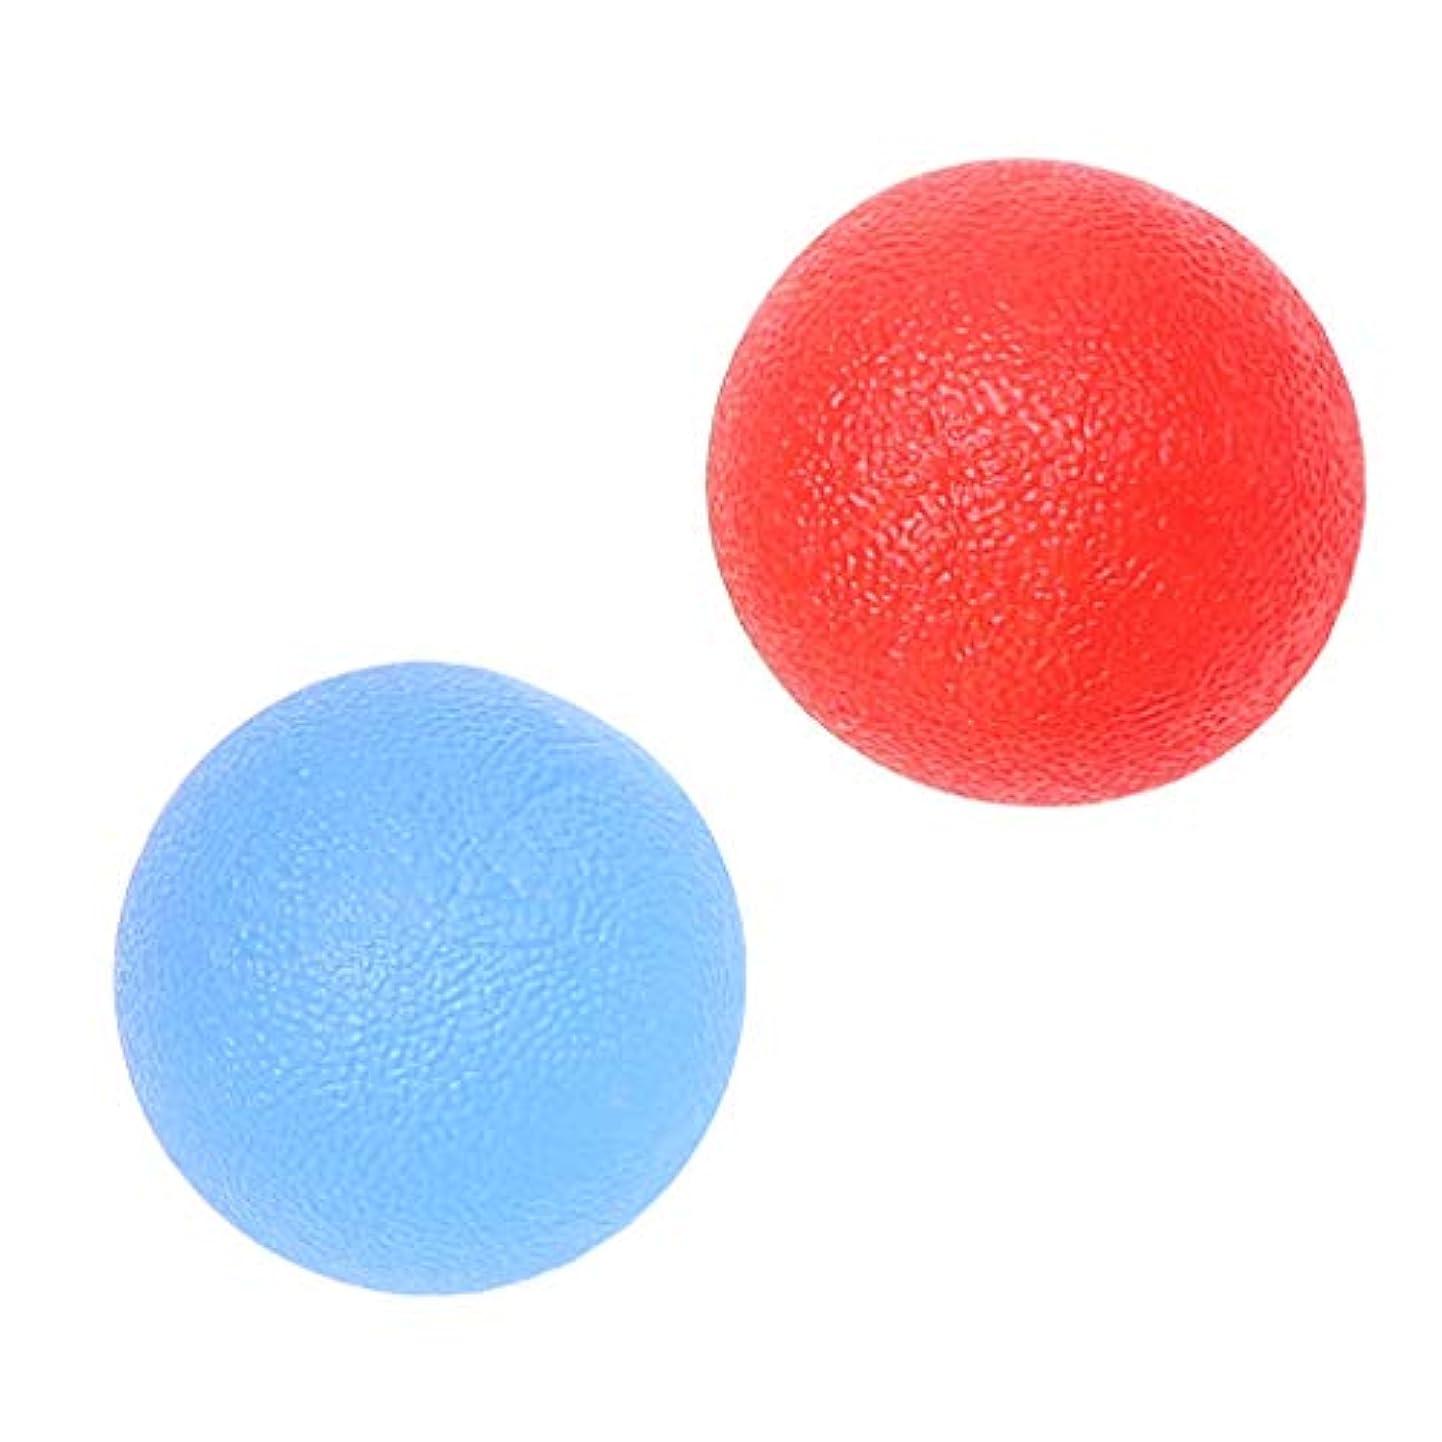 背が高いレンダーコテージBaoblaze ハンドグリップ ボール シリコン マッサージ 指トレーニング ストレス緩和 赤/青 2個入